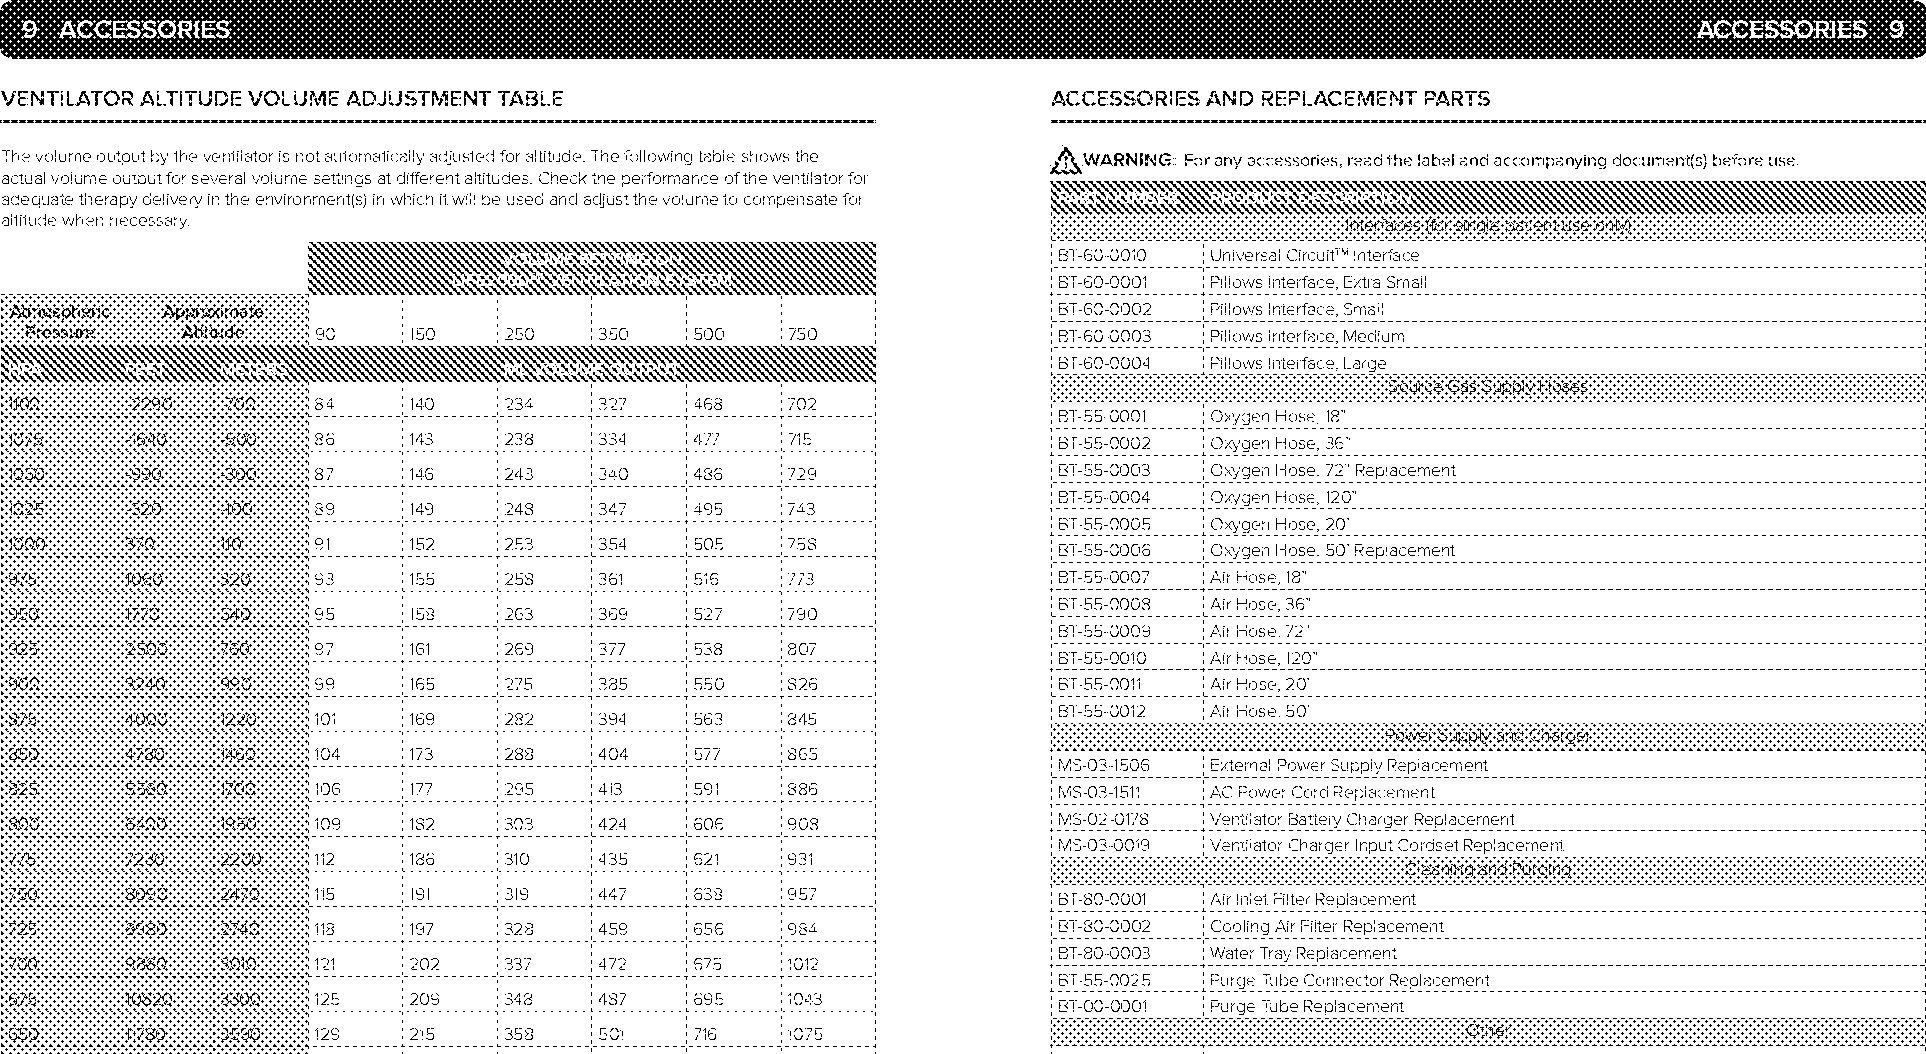 Figure AU2017209470B2_D0182